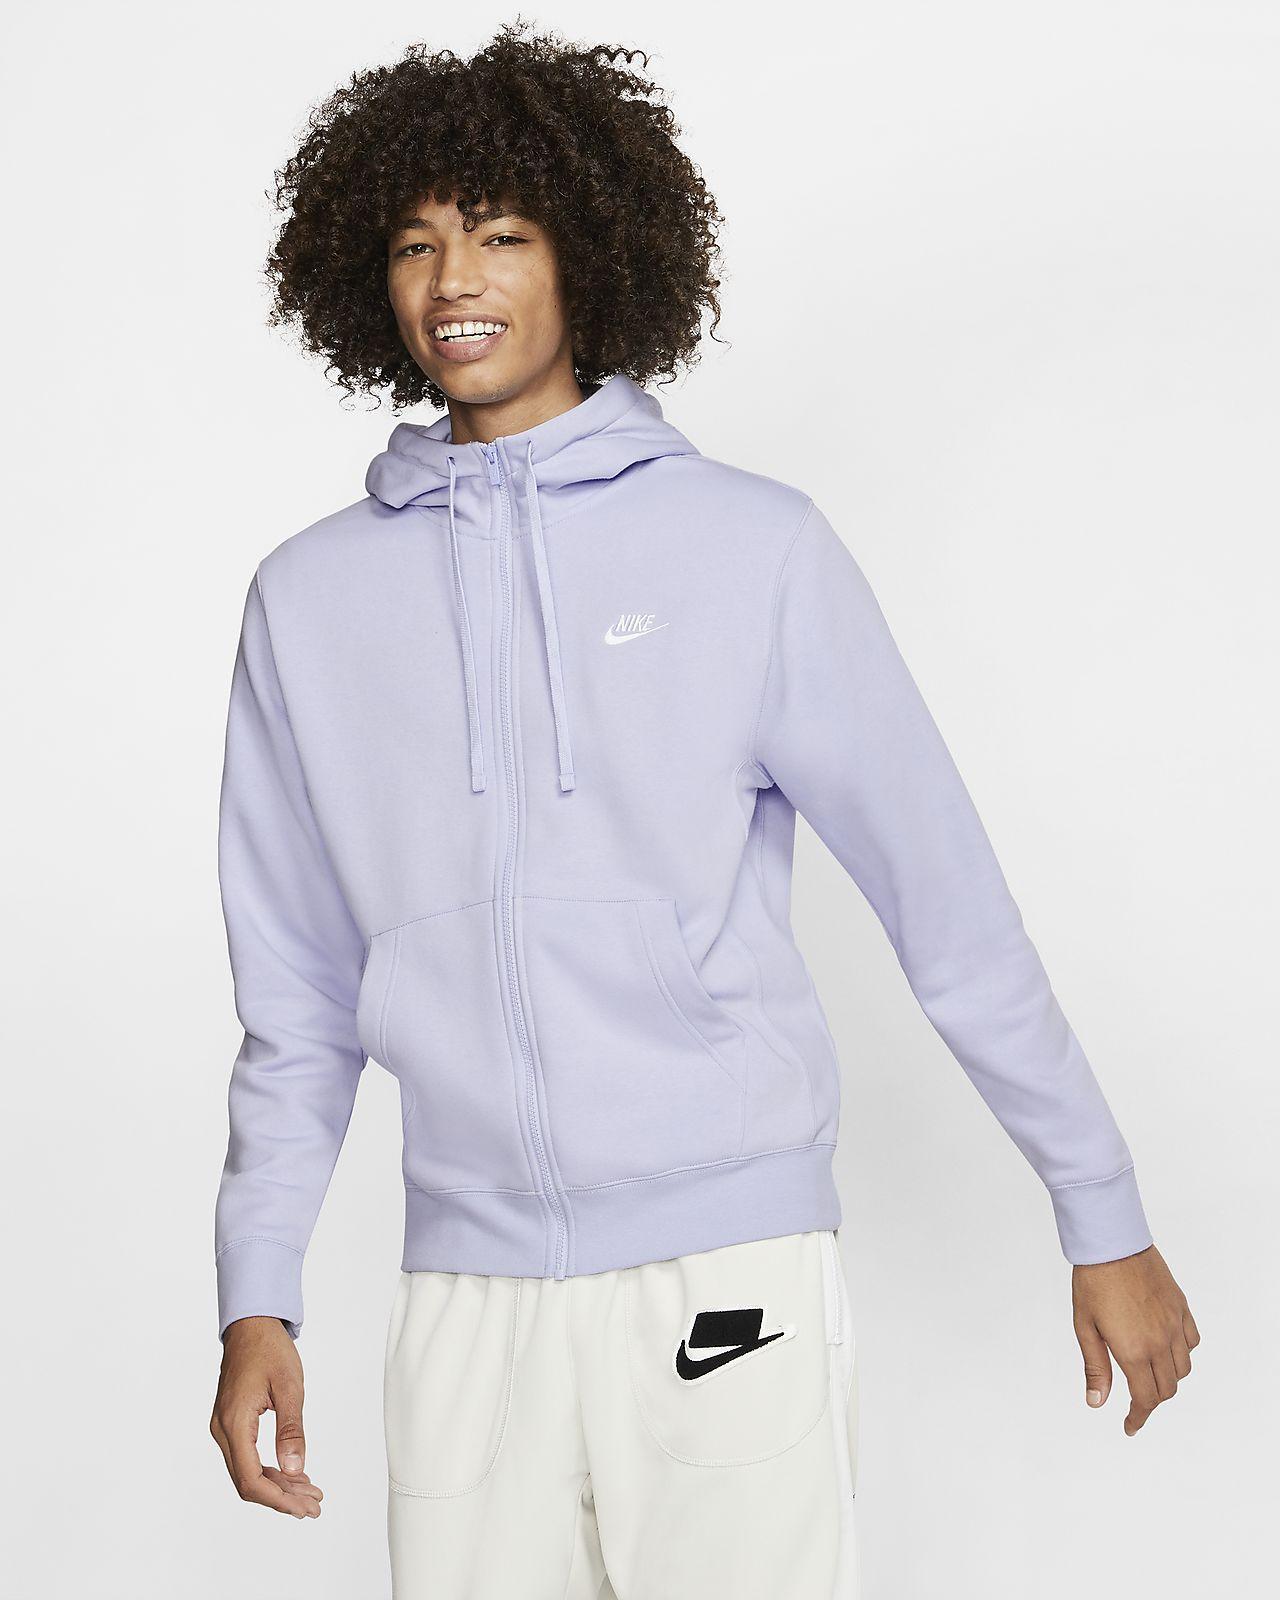 Nike Sportswear Club Fleece Men S Full Zip Hoodie Nike Com In 2021 Nike Fleece Hoodie Hoodies Full Zip Hoodie [ 1600 x 1280 Pixel ]